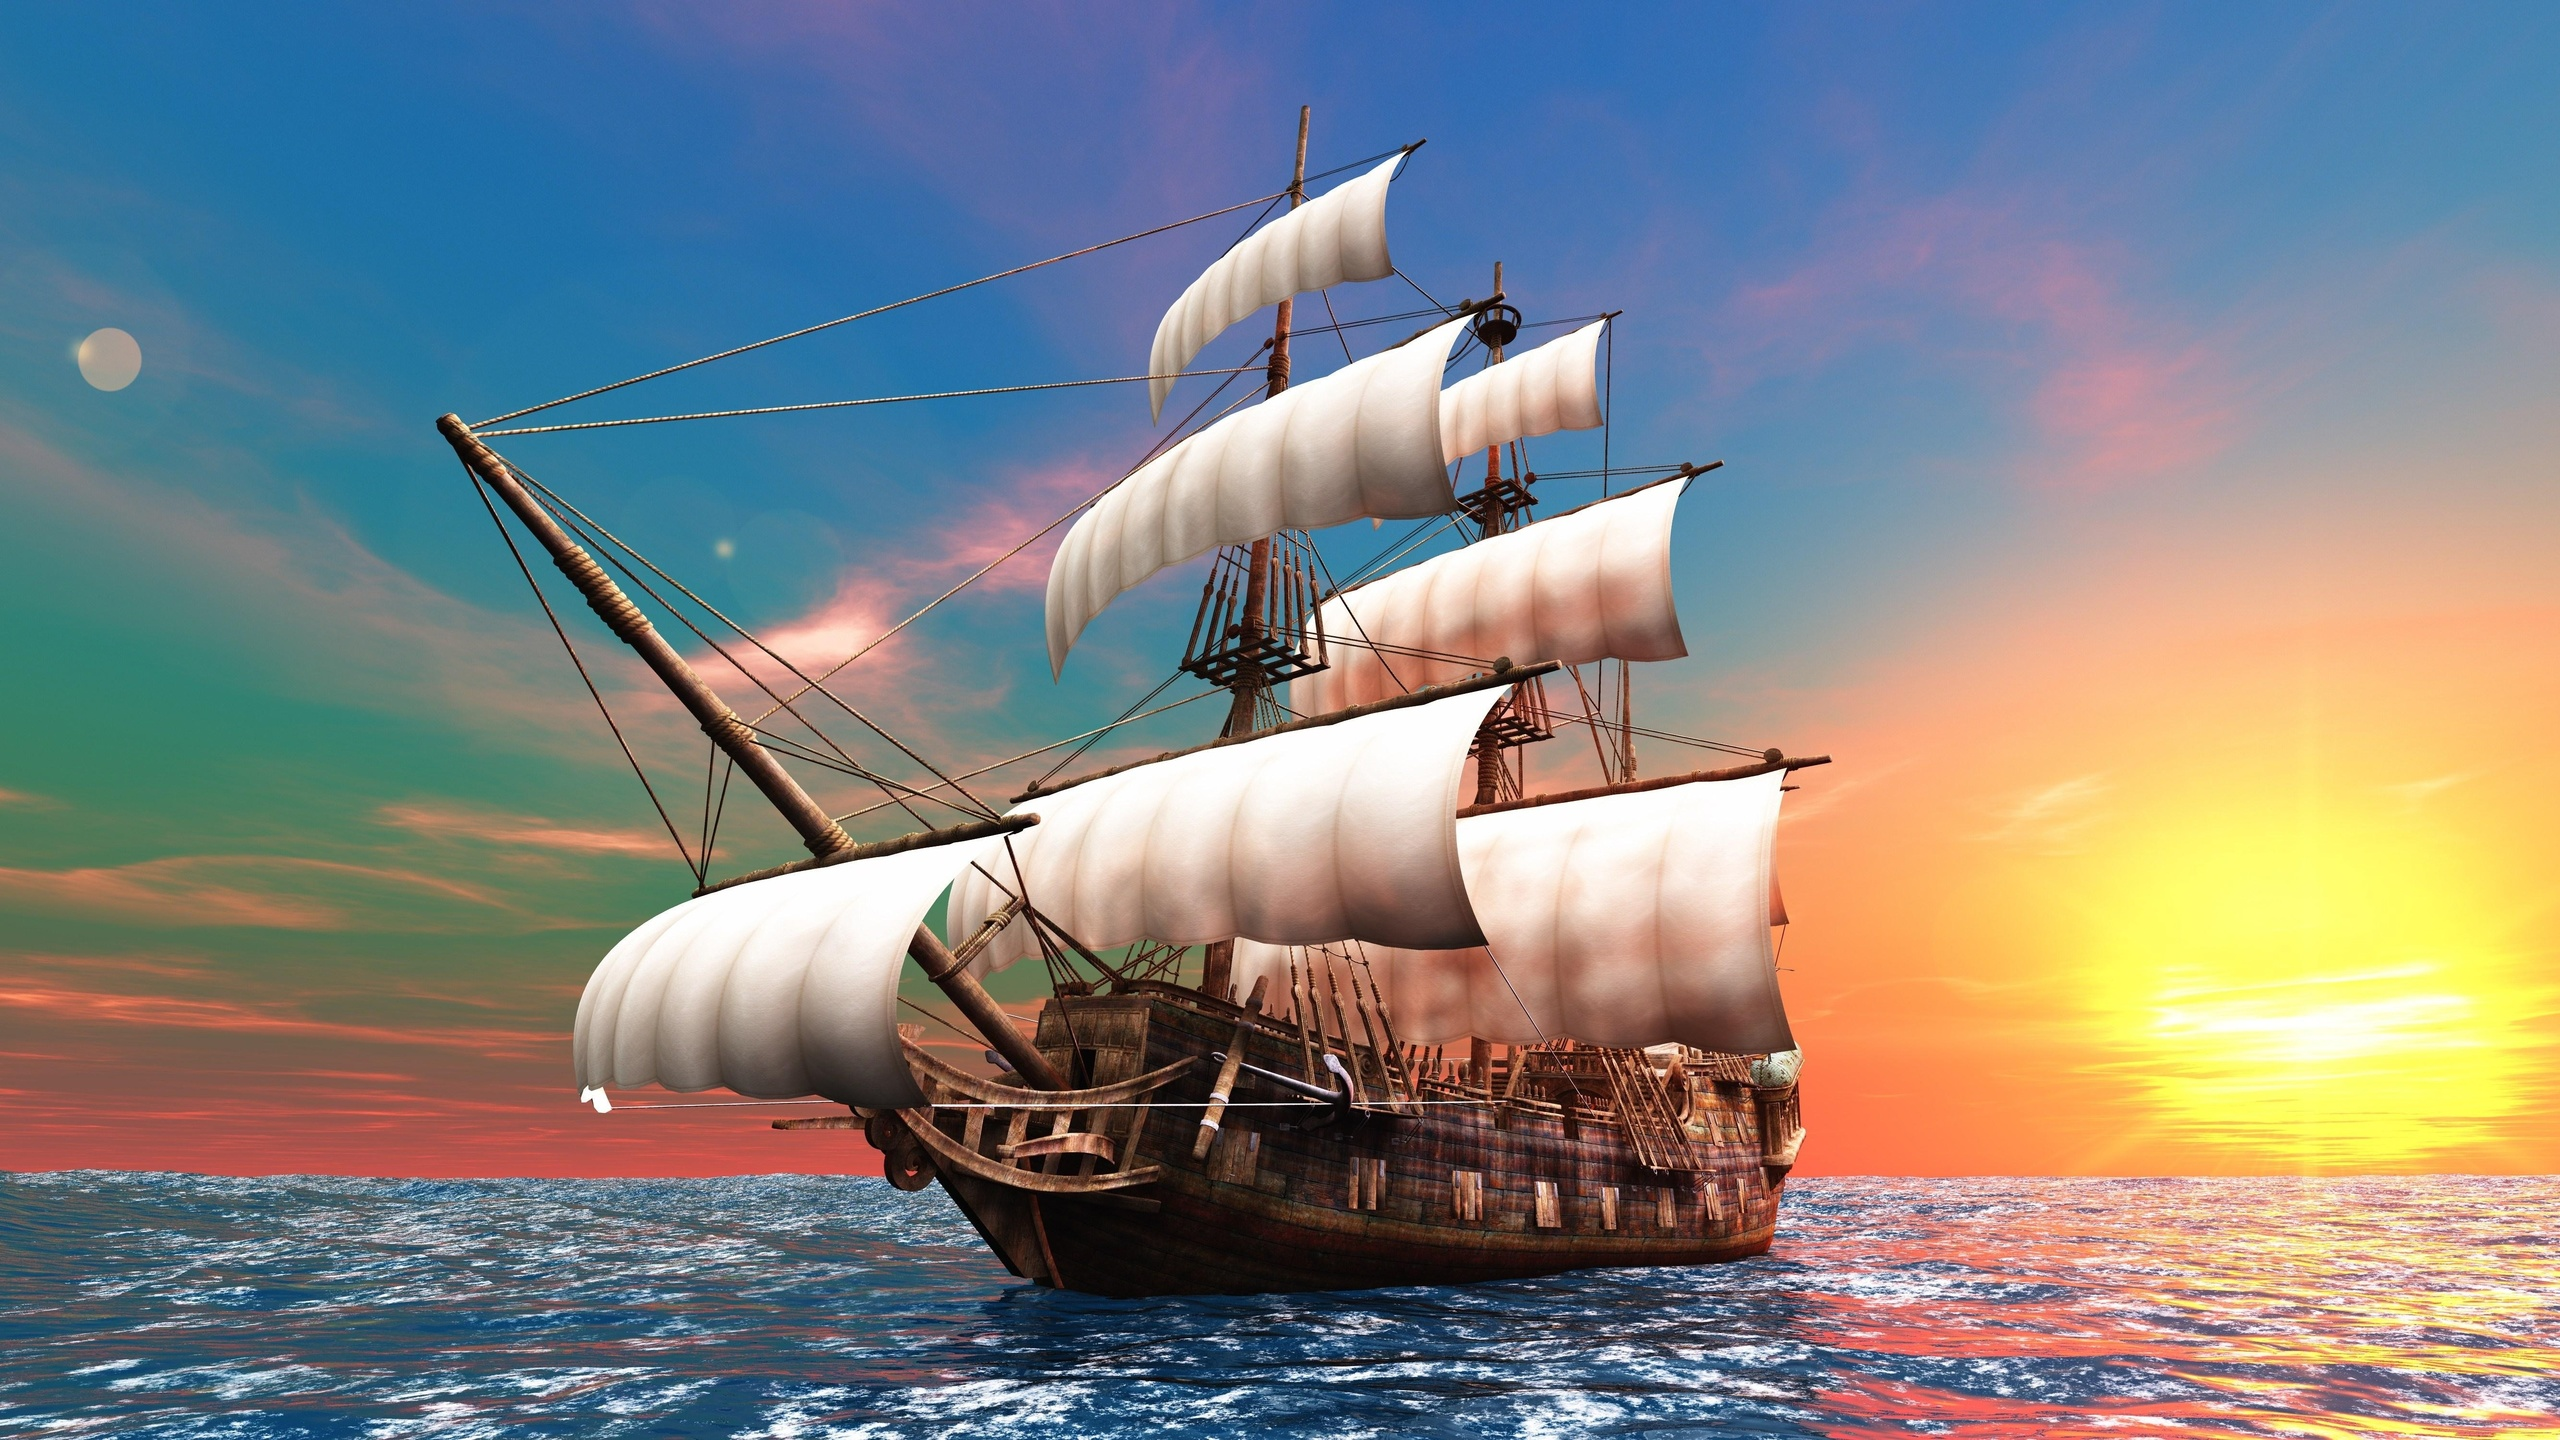 картинки с кораблем и морем к чему снится